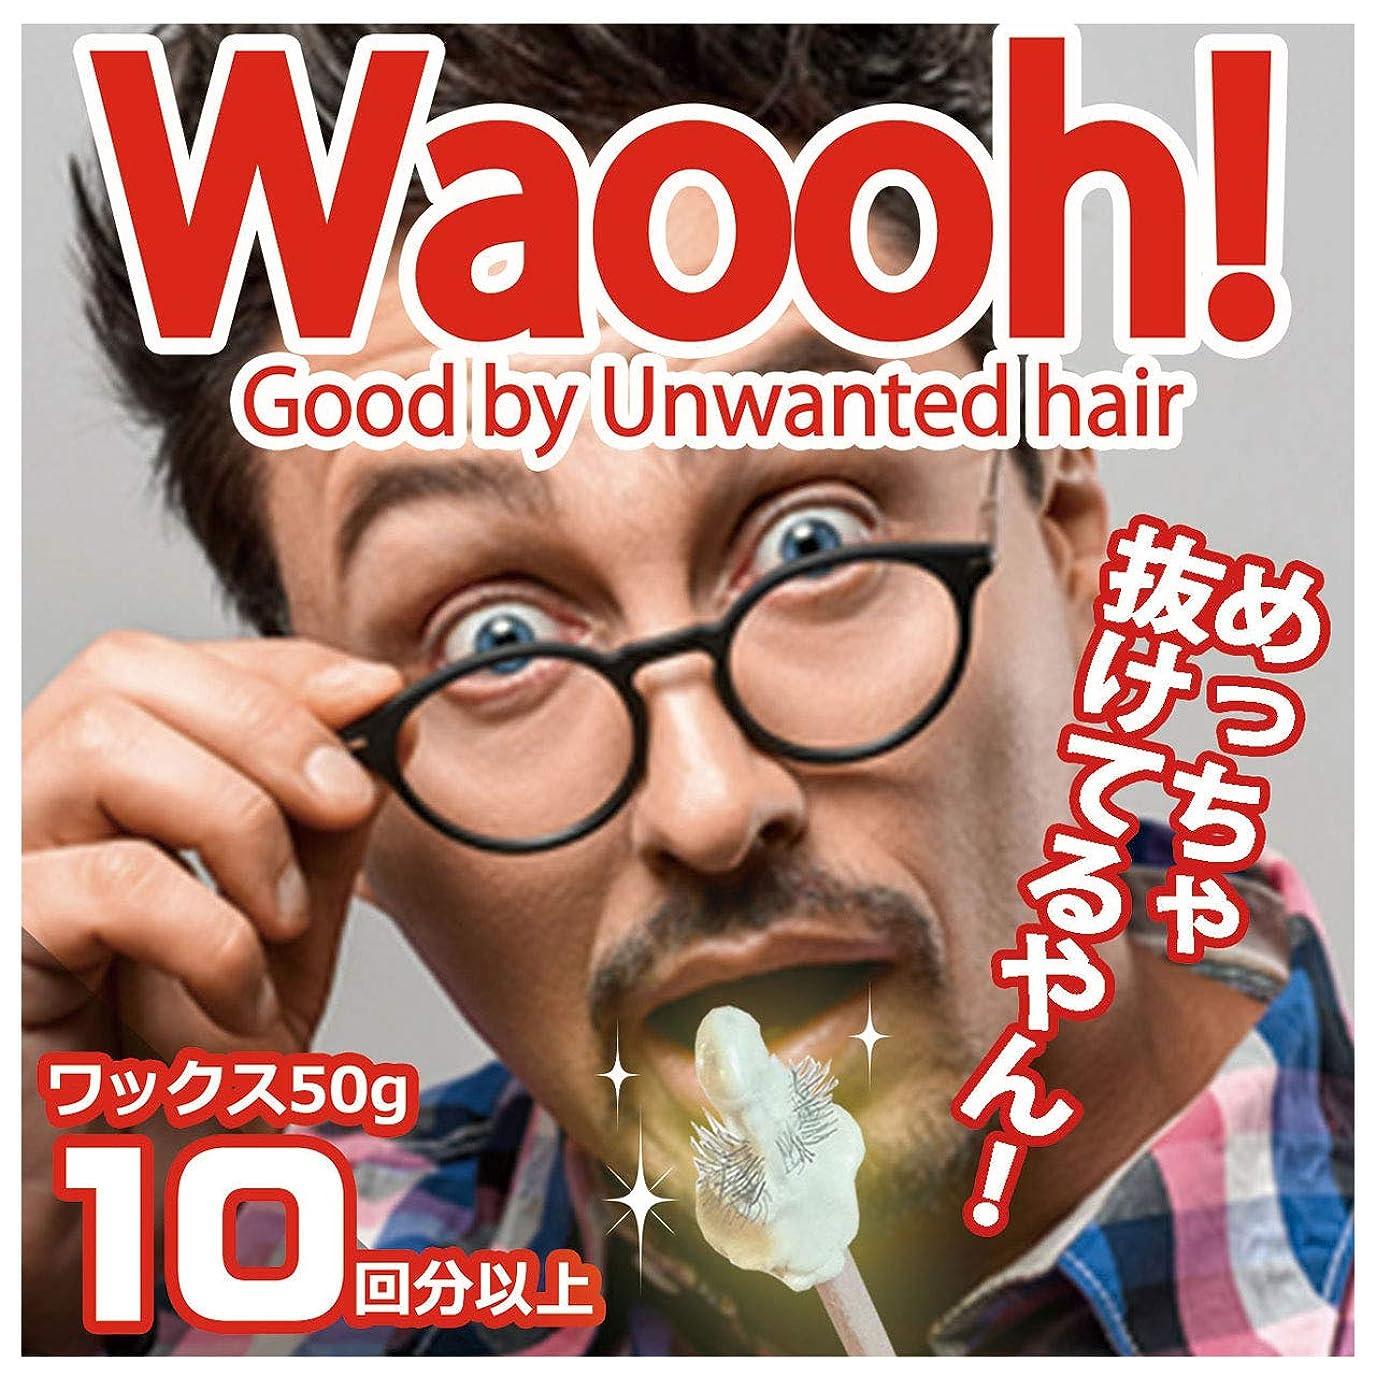 リッチ理想的むき出し[Waooh]鼻毛 脱毛 ノーズワックス 鼻 ブラジリアン ワックス キット 男女兼用 (50g 10回分)